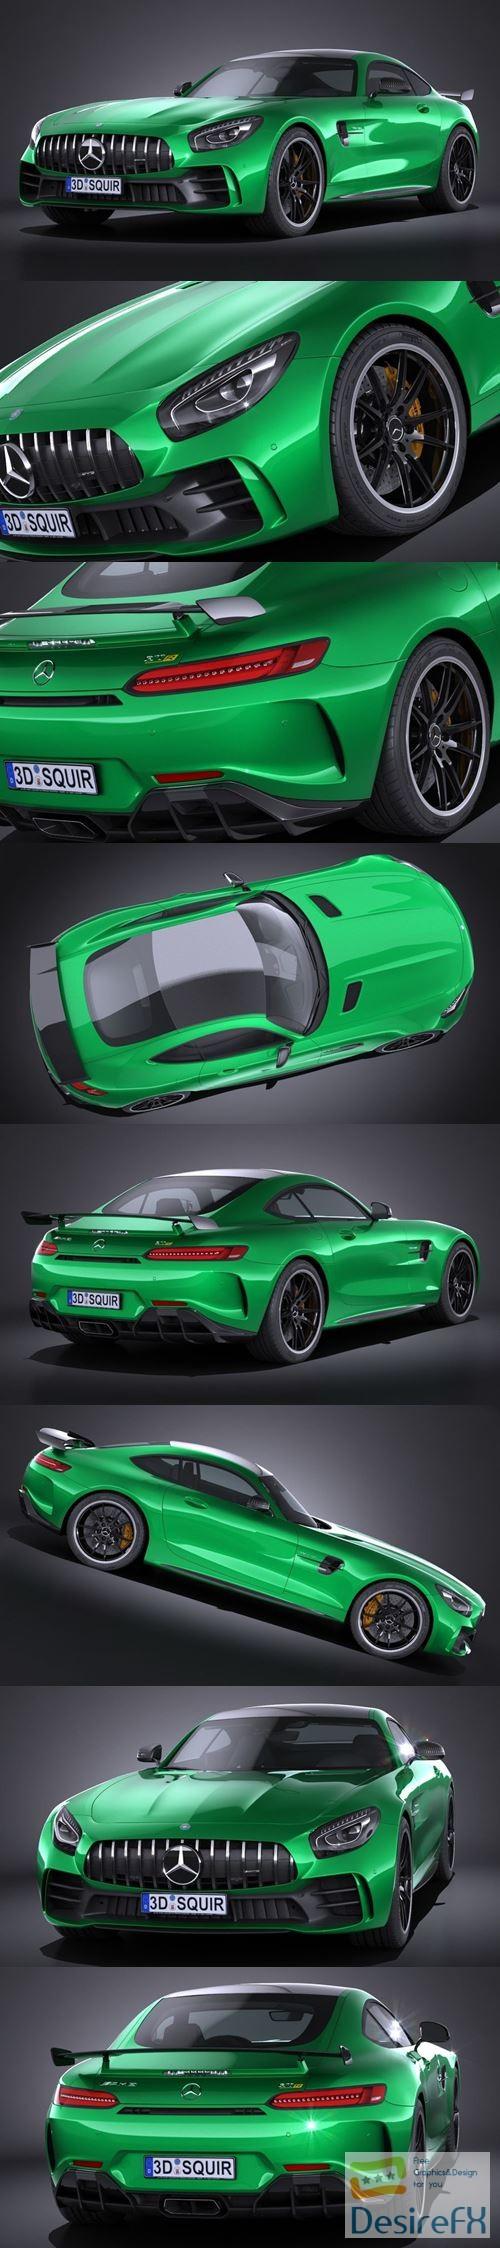 3d-models - Mercedes AMG GT R 2017 3D Model